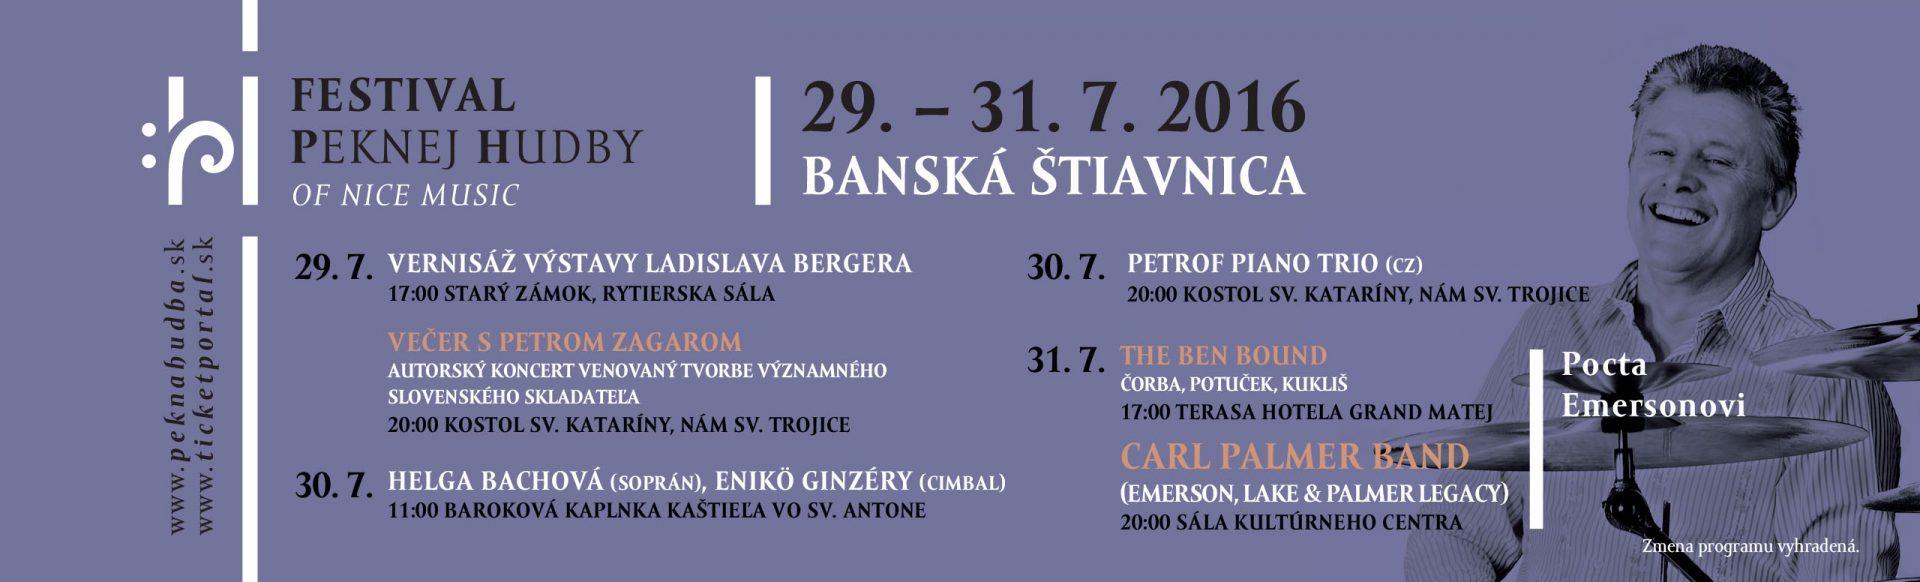 Festival peknej hudby